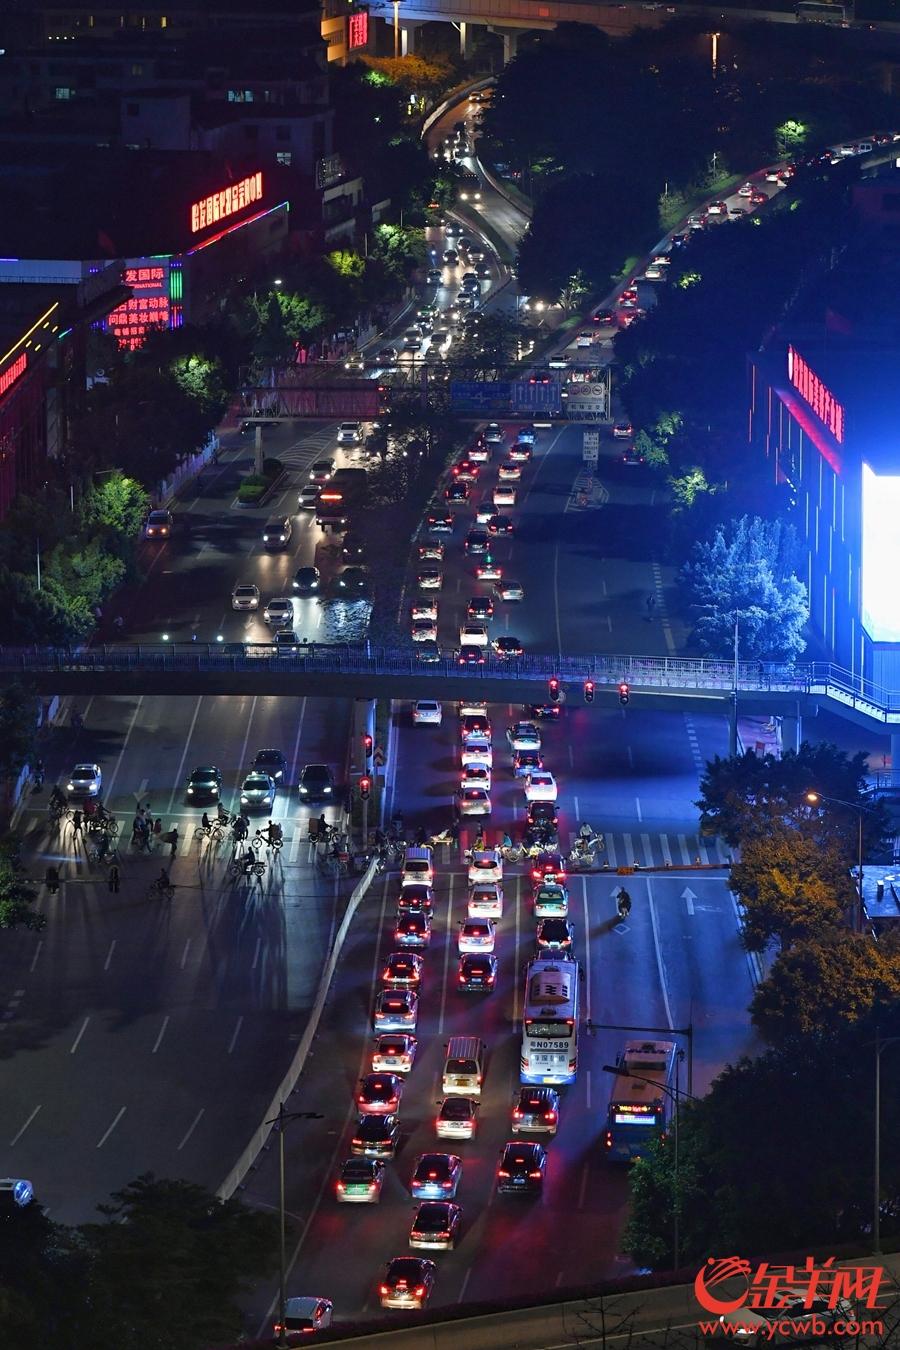 清明小长假结束 广州交通初显拥堵